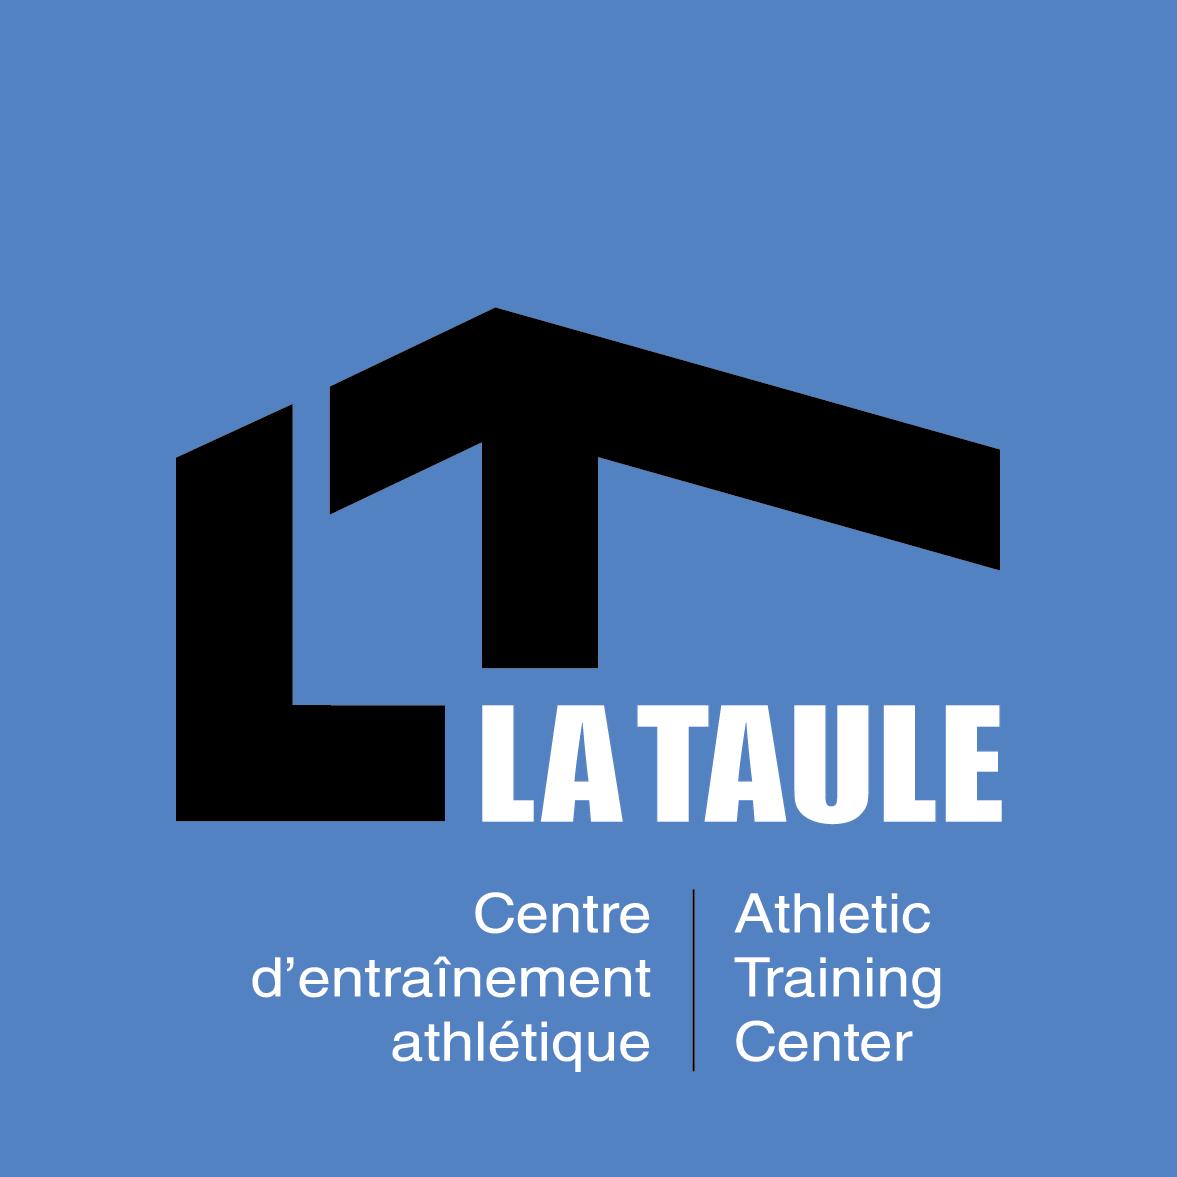 La Taule, Centre d'entraînement athlétique